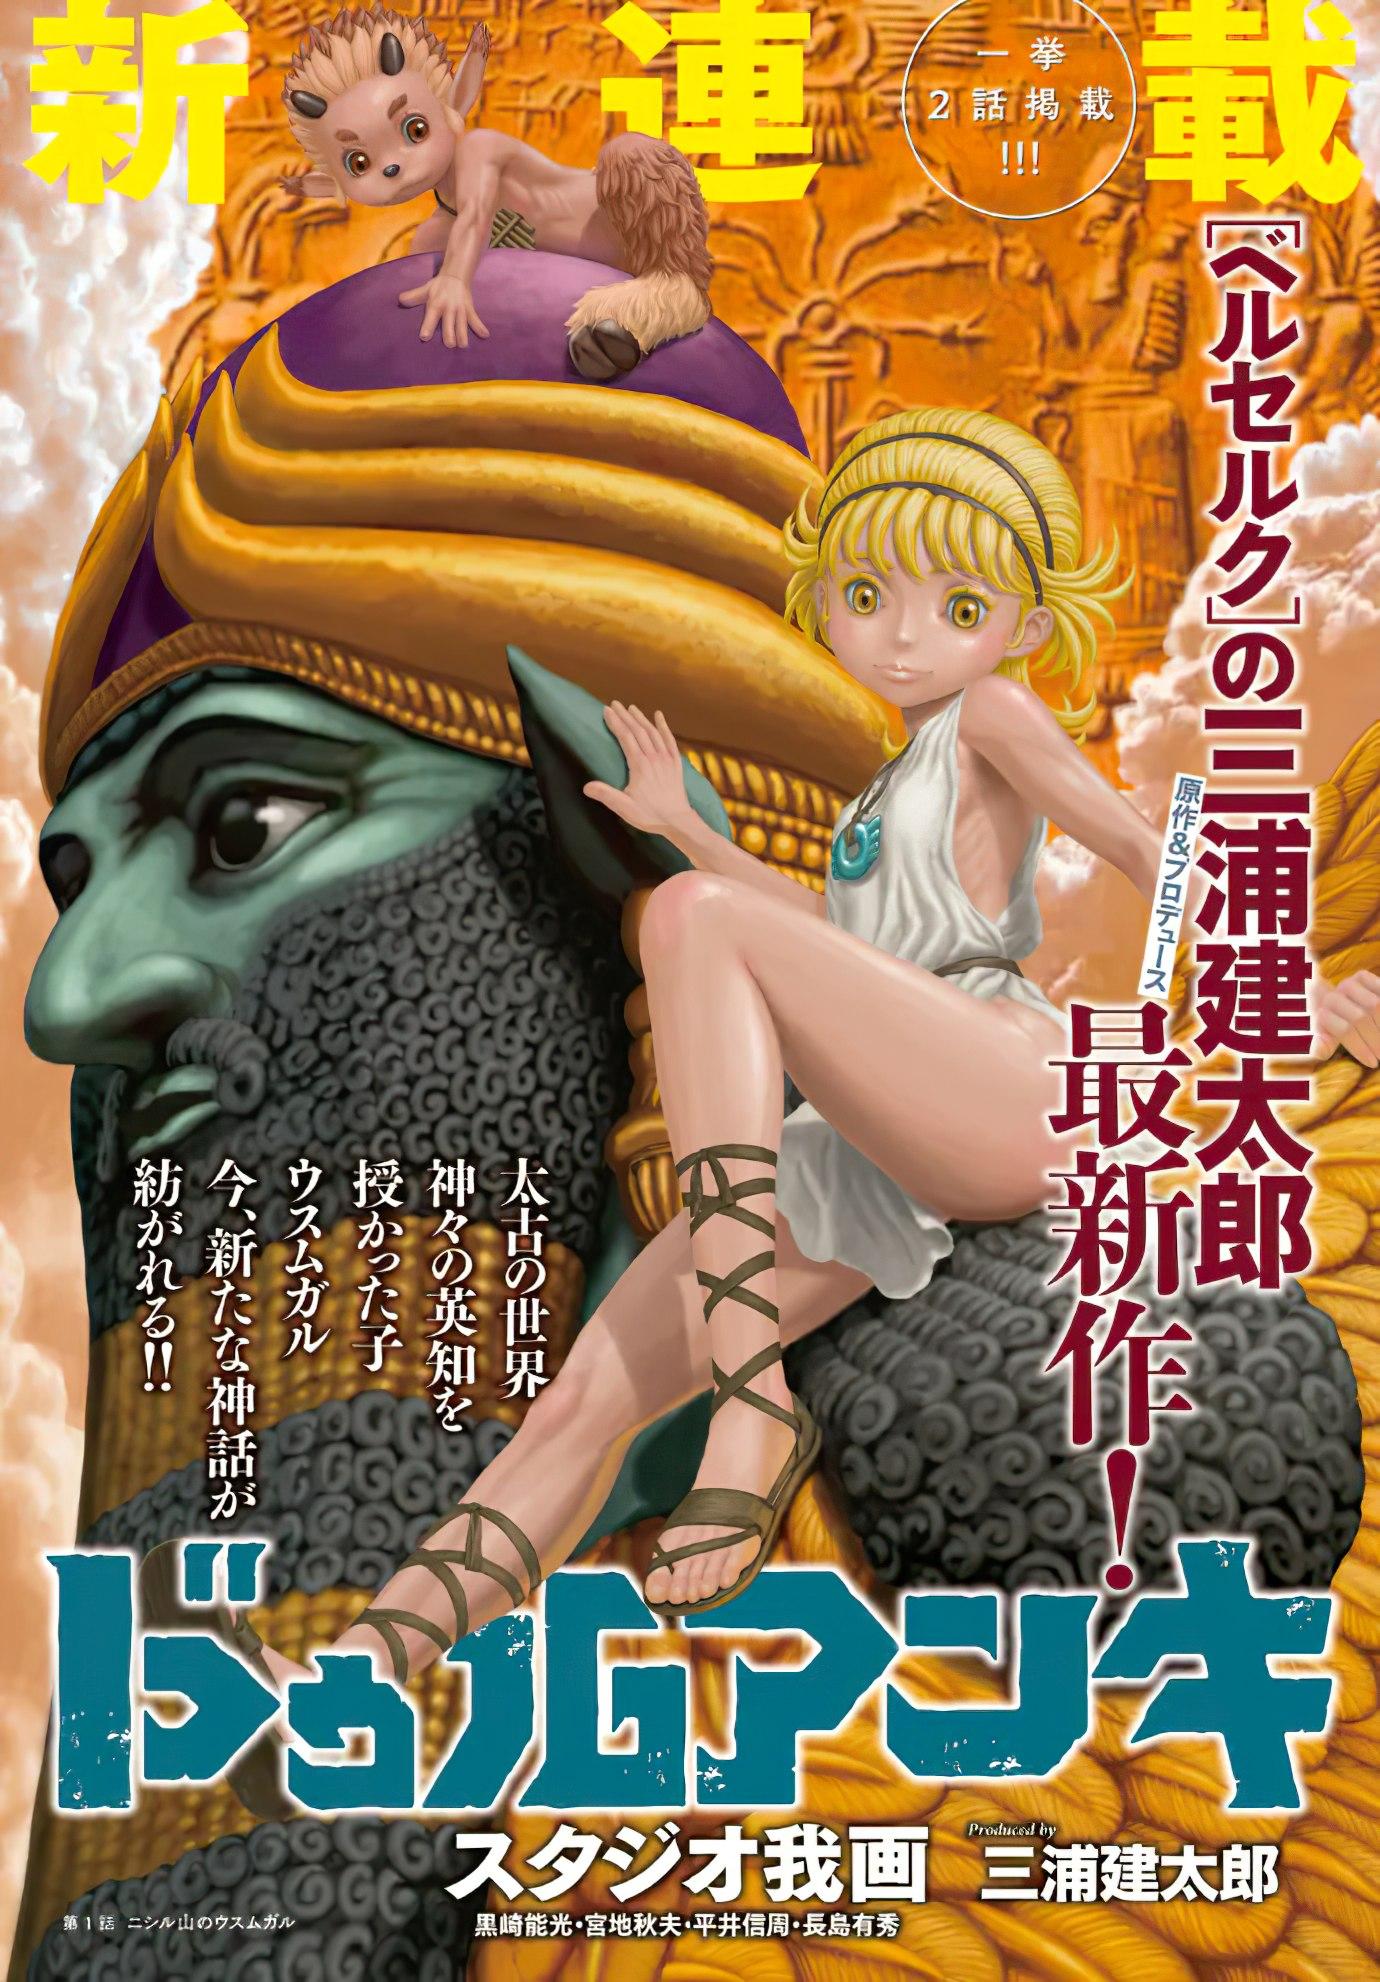 Kentarou Miura's Duranki manga has been discontinued